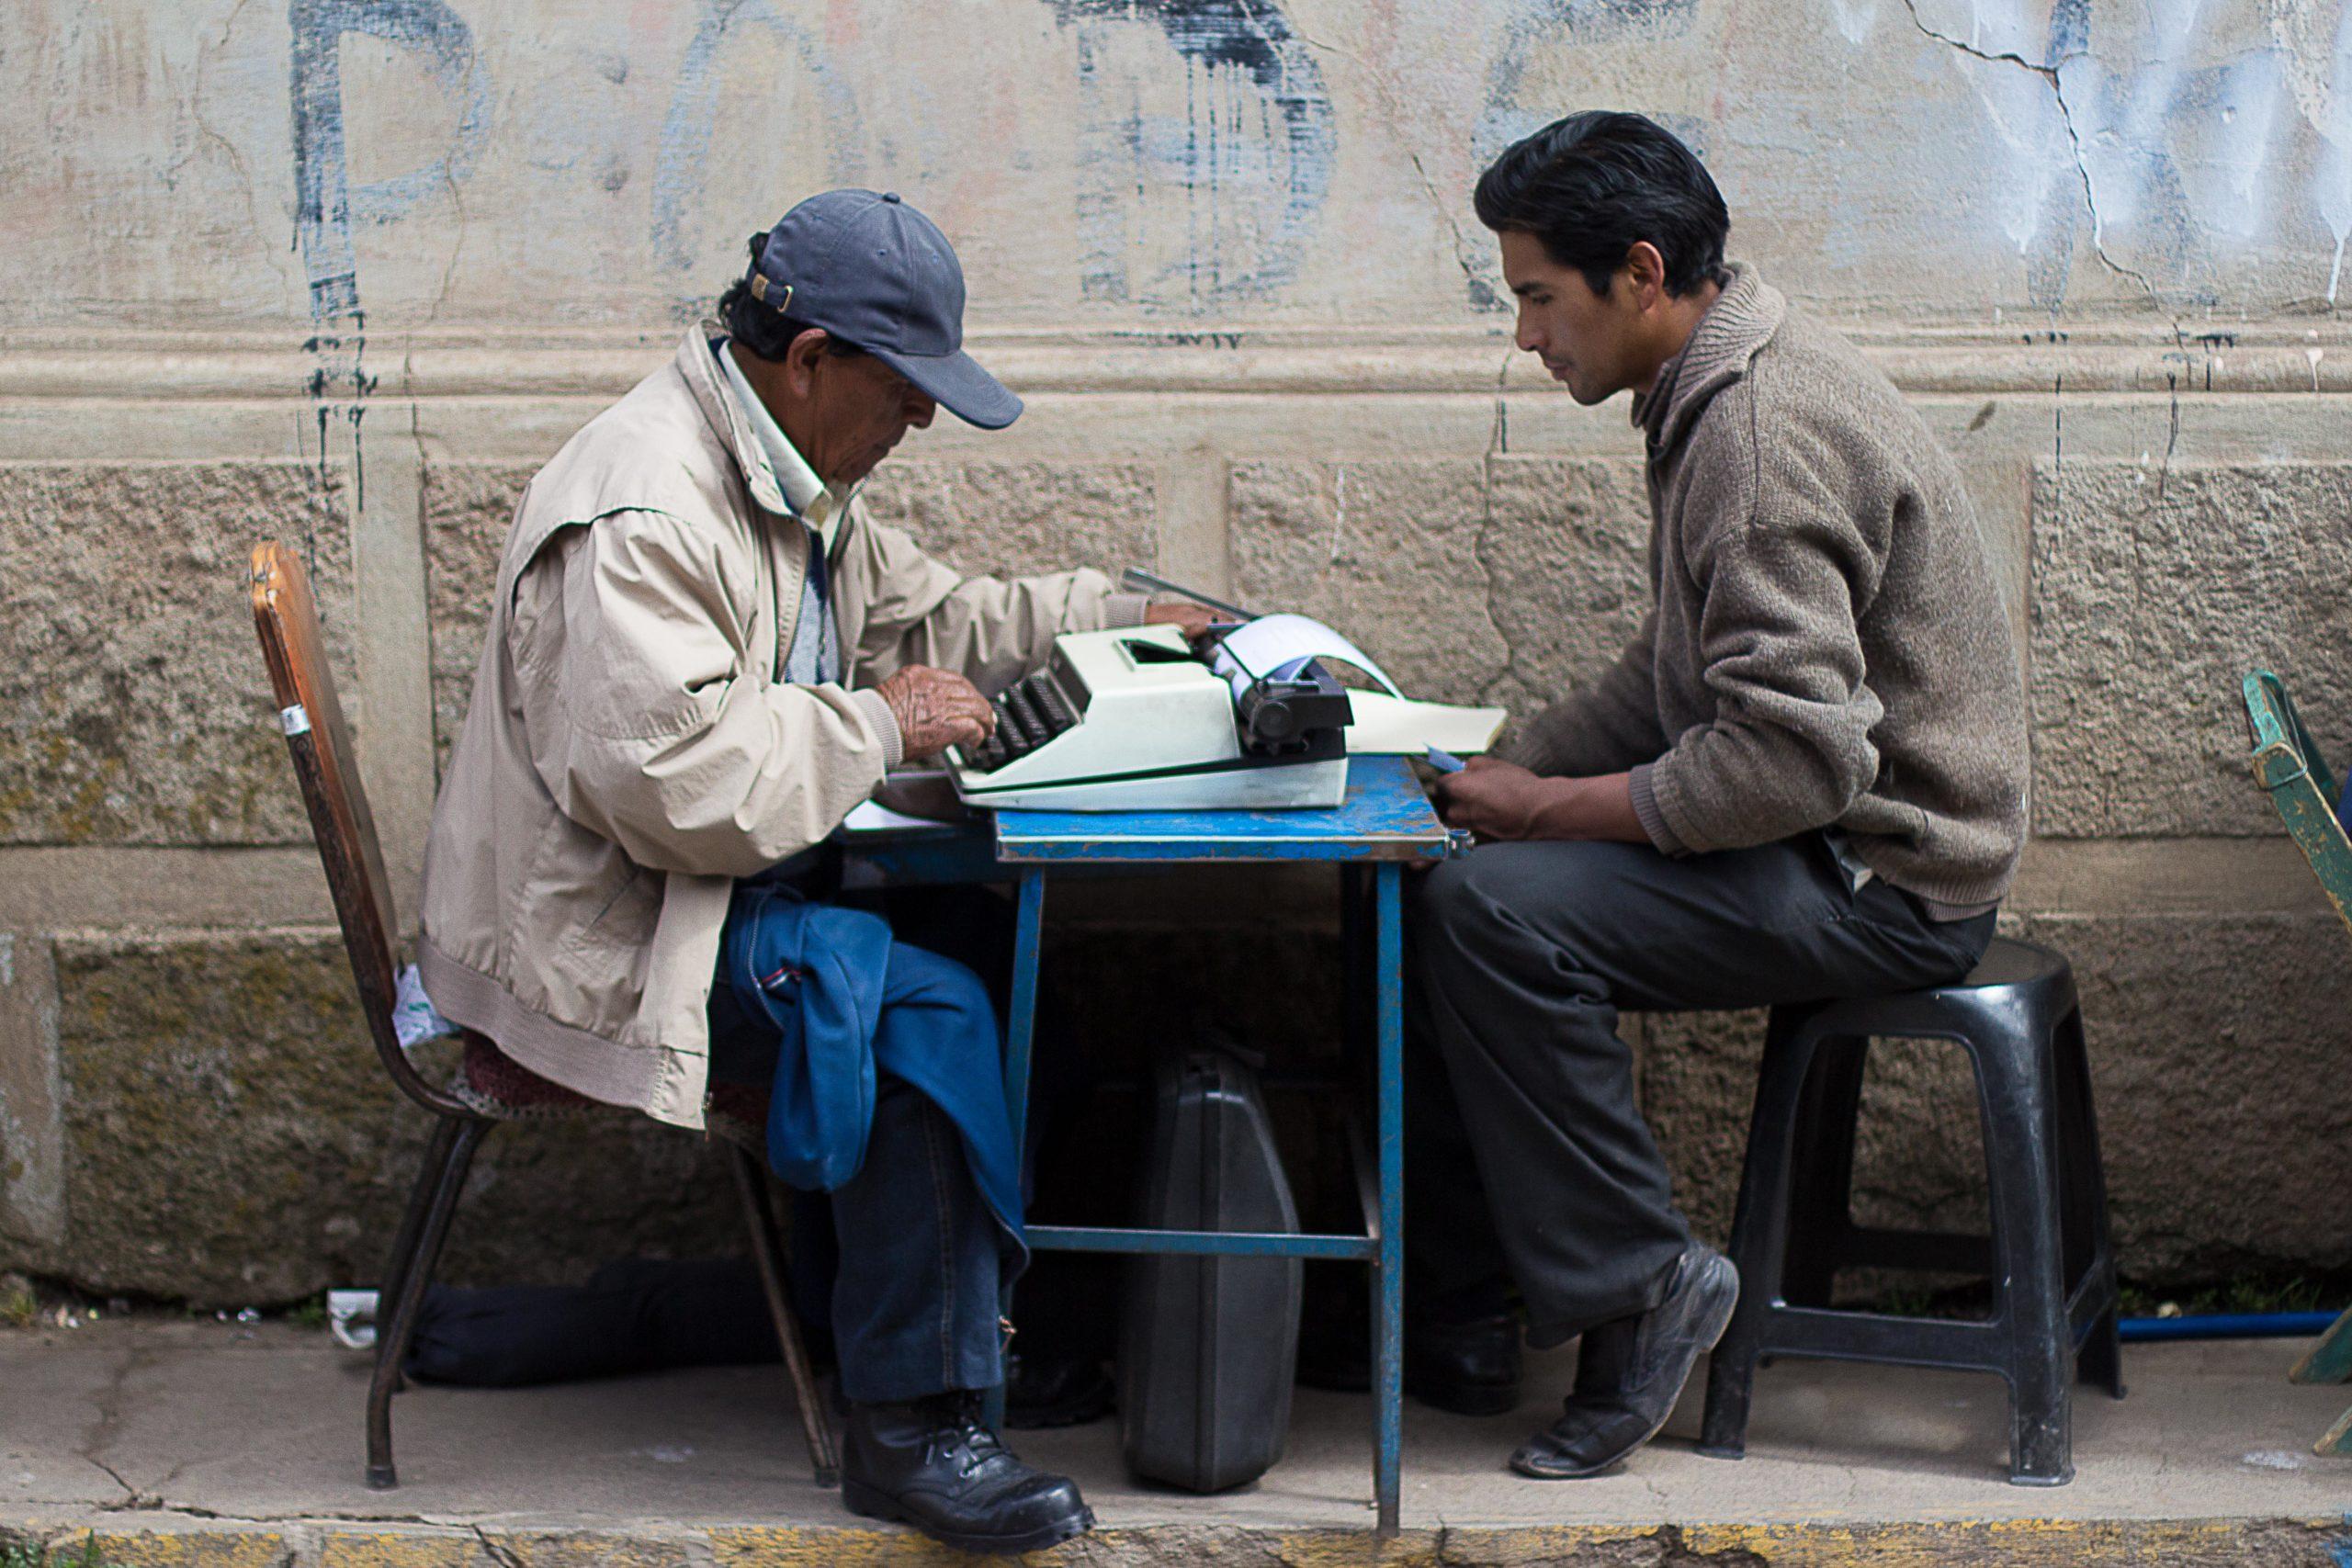 Ecrivain public, Puno, Pérou